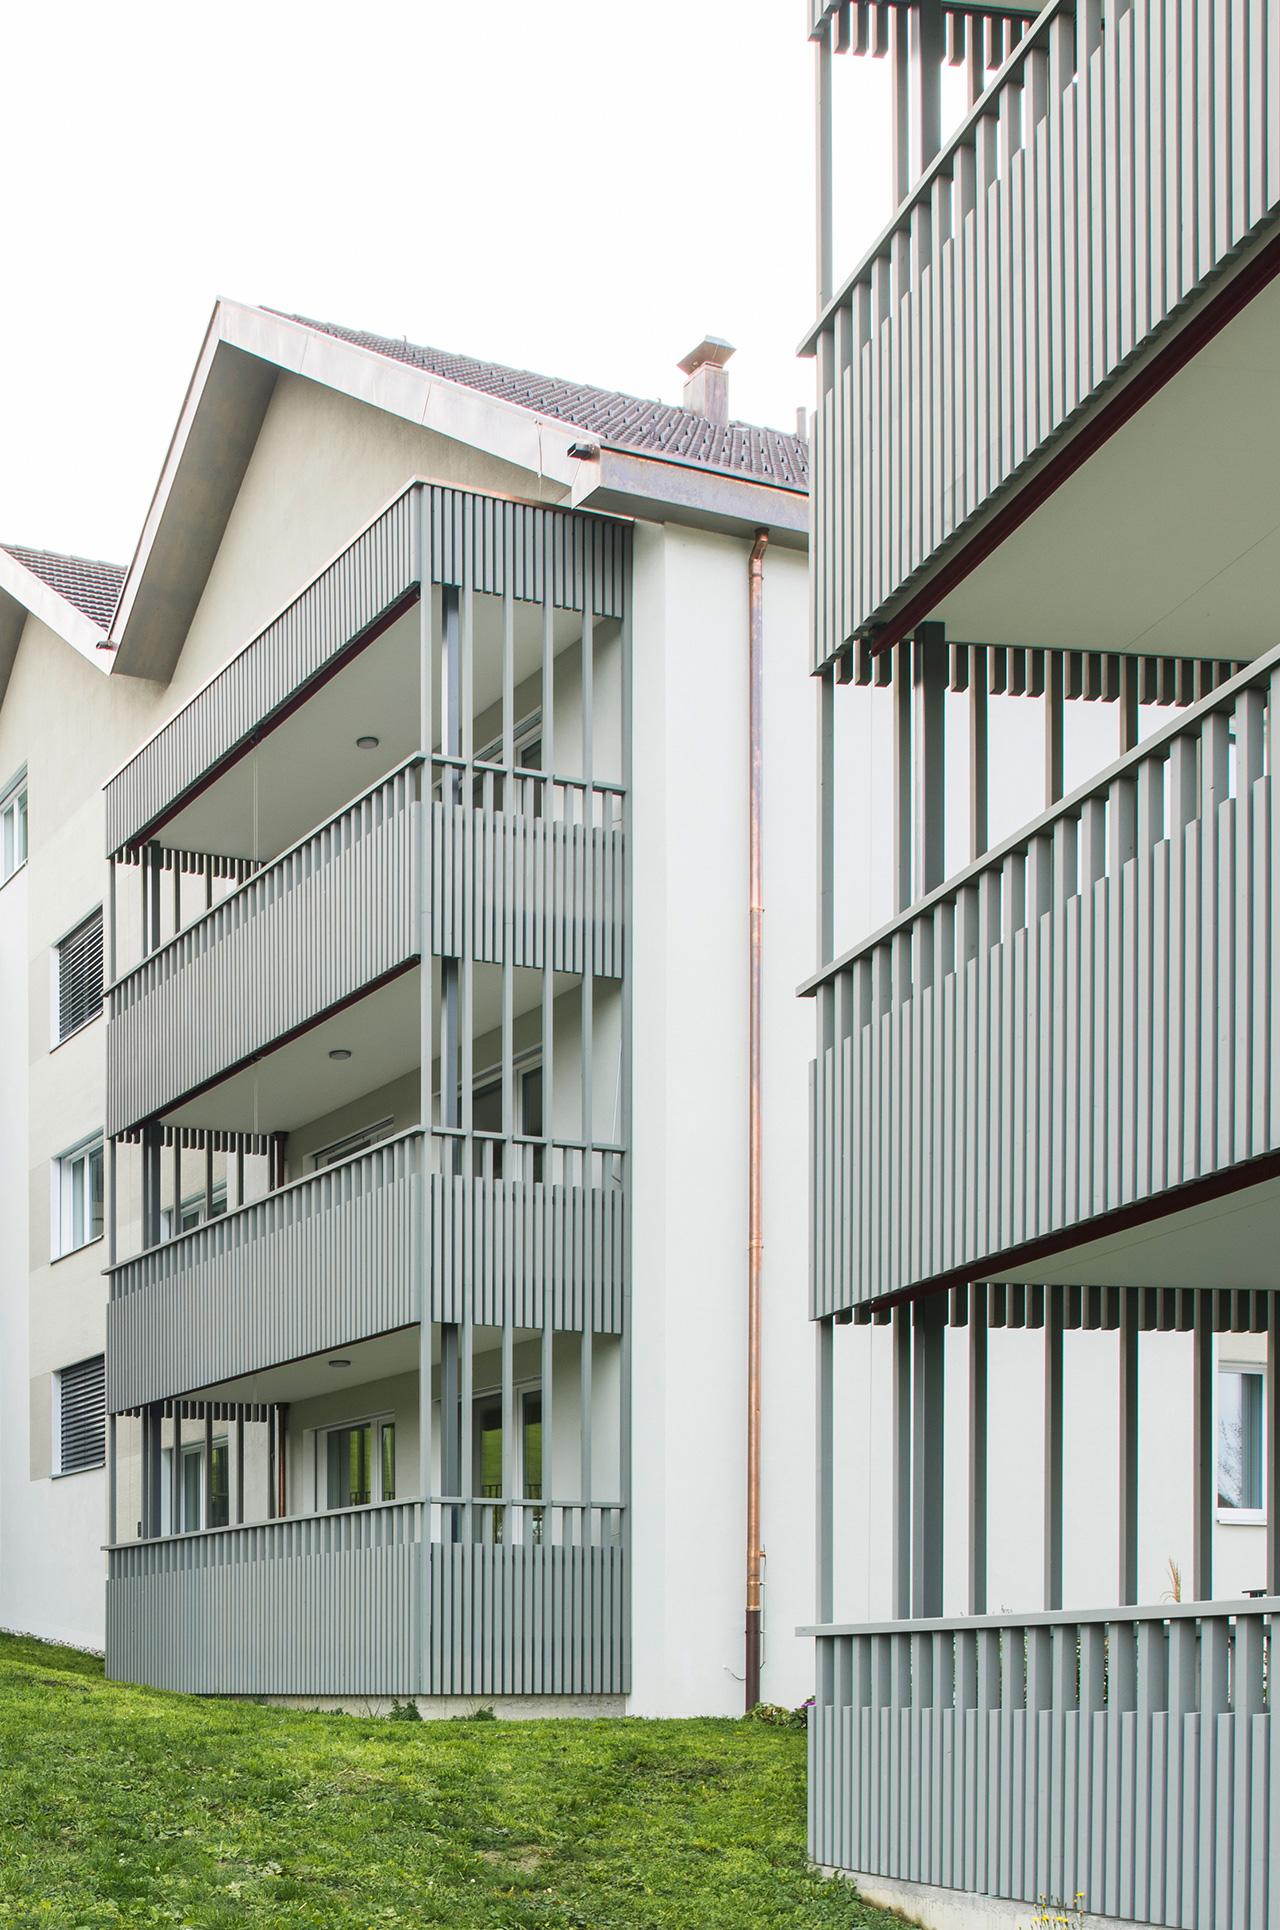 Pfister Klingenfuss Architekten, Wohnhäuser Hintere Wühre, Appenzell, Detail Balkone